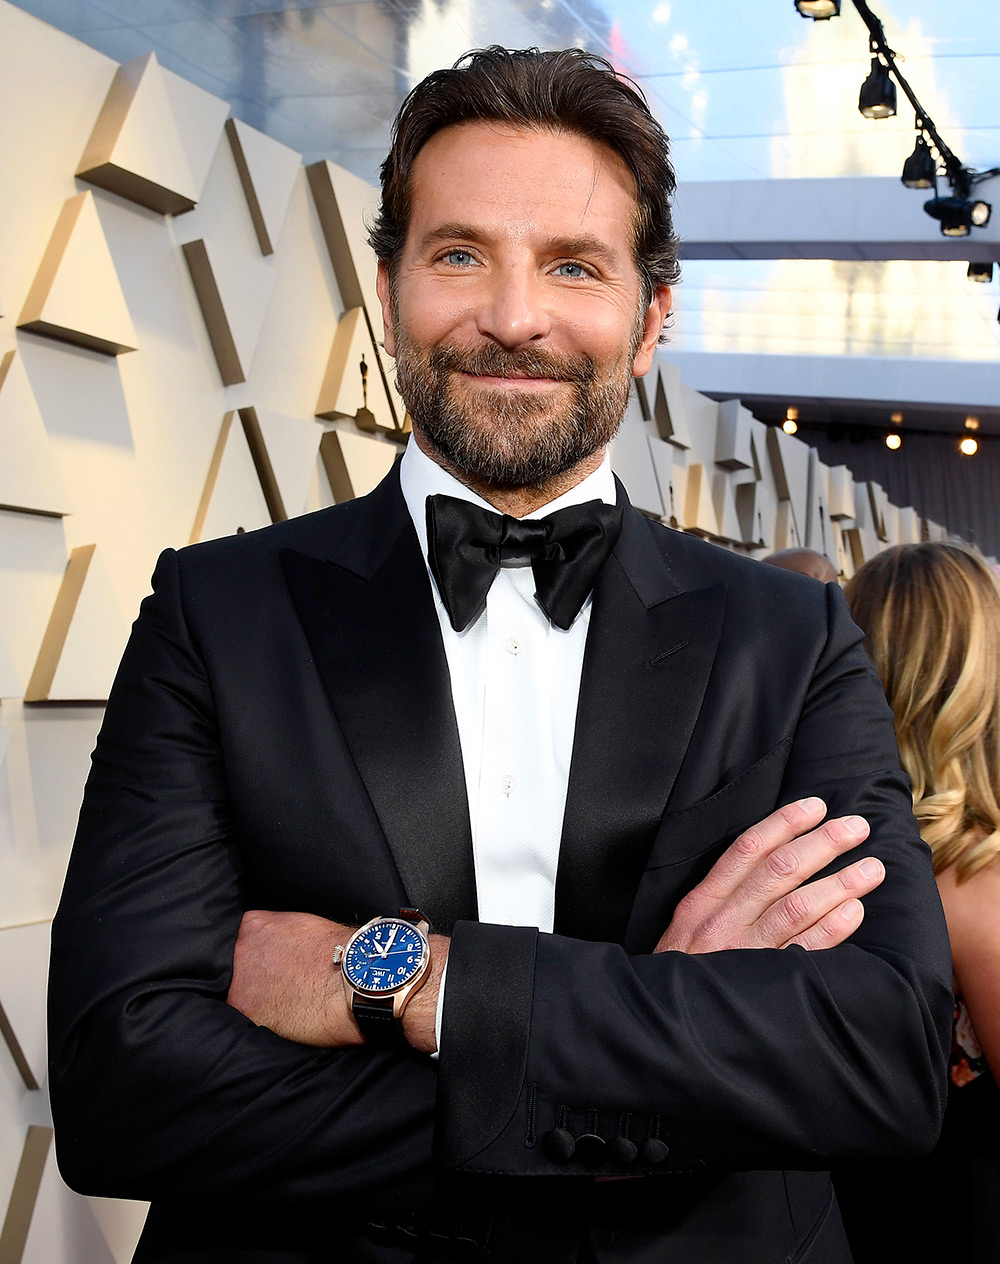 Ο Bradley Cooper έγινε πρεσβευτής της IWC το 2018. Μεταξύ των δράσεων που  έχει υλοποιήσει η Ελβετική ωρολογοποιία ed32a00f0fe